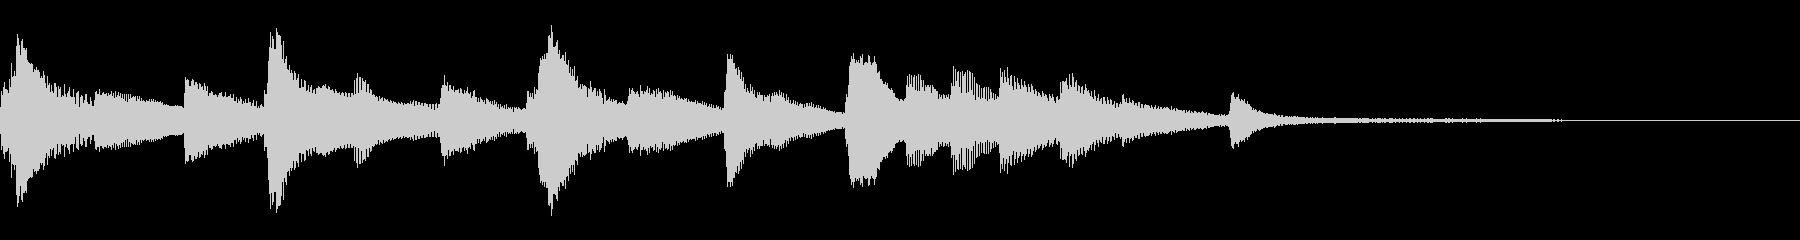 切ないピアノのジングル27の未再生の波形